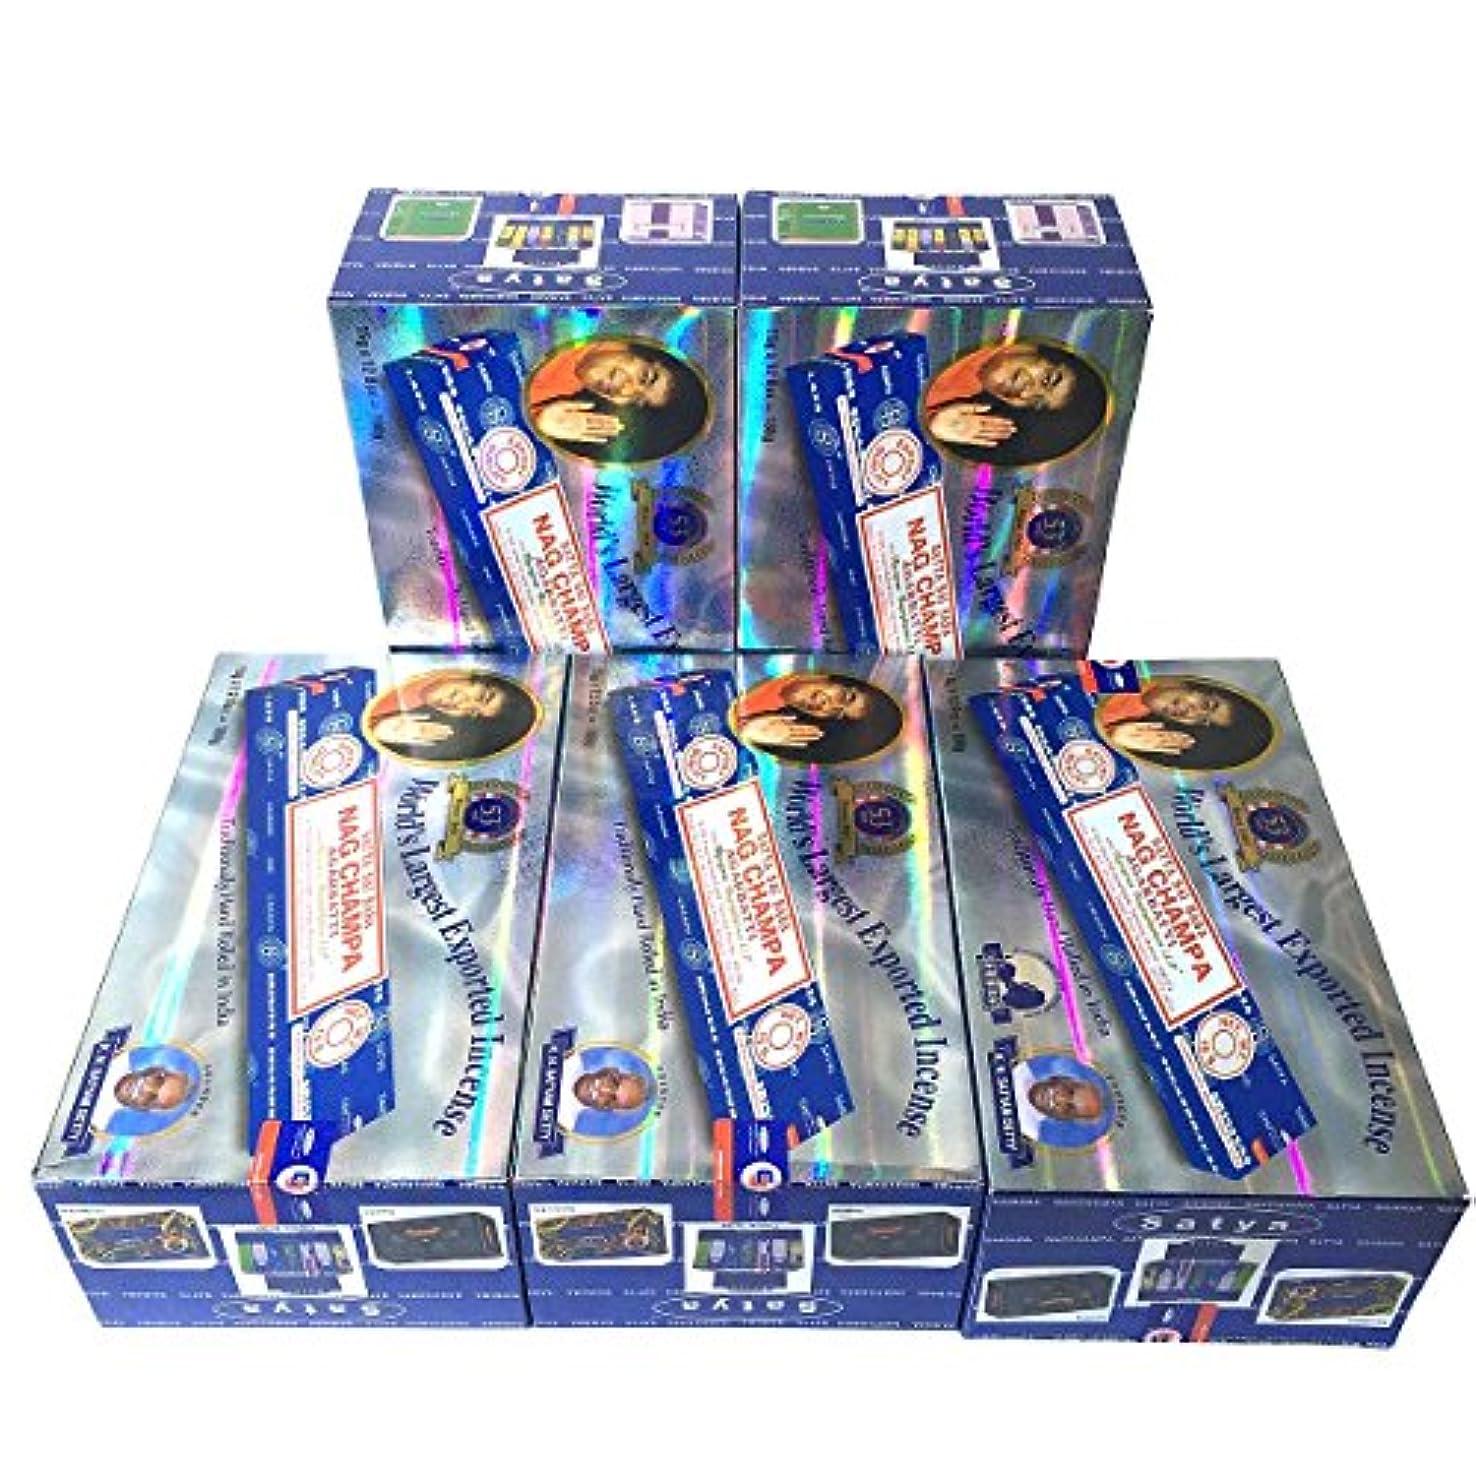 不健康メディア影響するサイババ ナグチャンパ香スティック 5BOX(30箱)/SATYA SAI BABA NAG CHAMPA/インド香 / 送料無料 [並行輸入品]